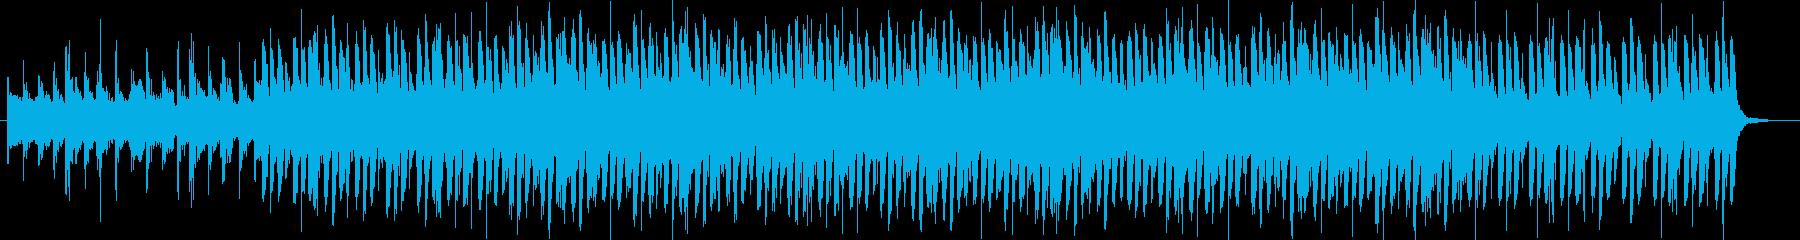 重みのあるパーカッションと笛の曲の再生済みの波形